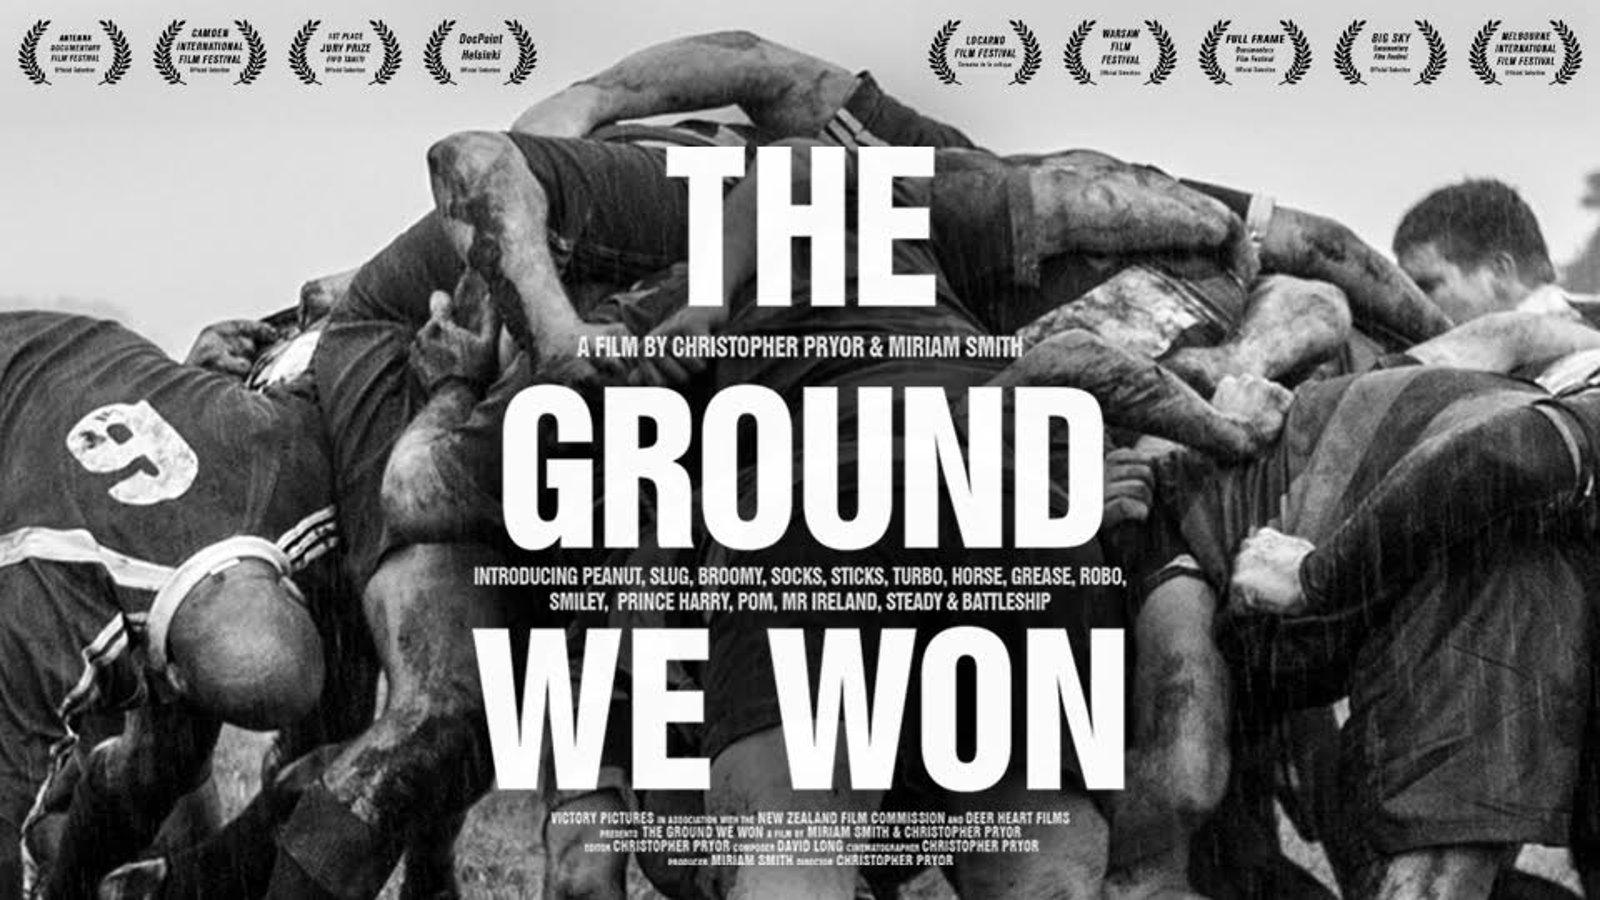 The Ground We Won - Manhood, Friendship & Rugby